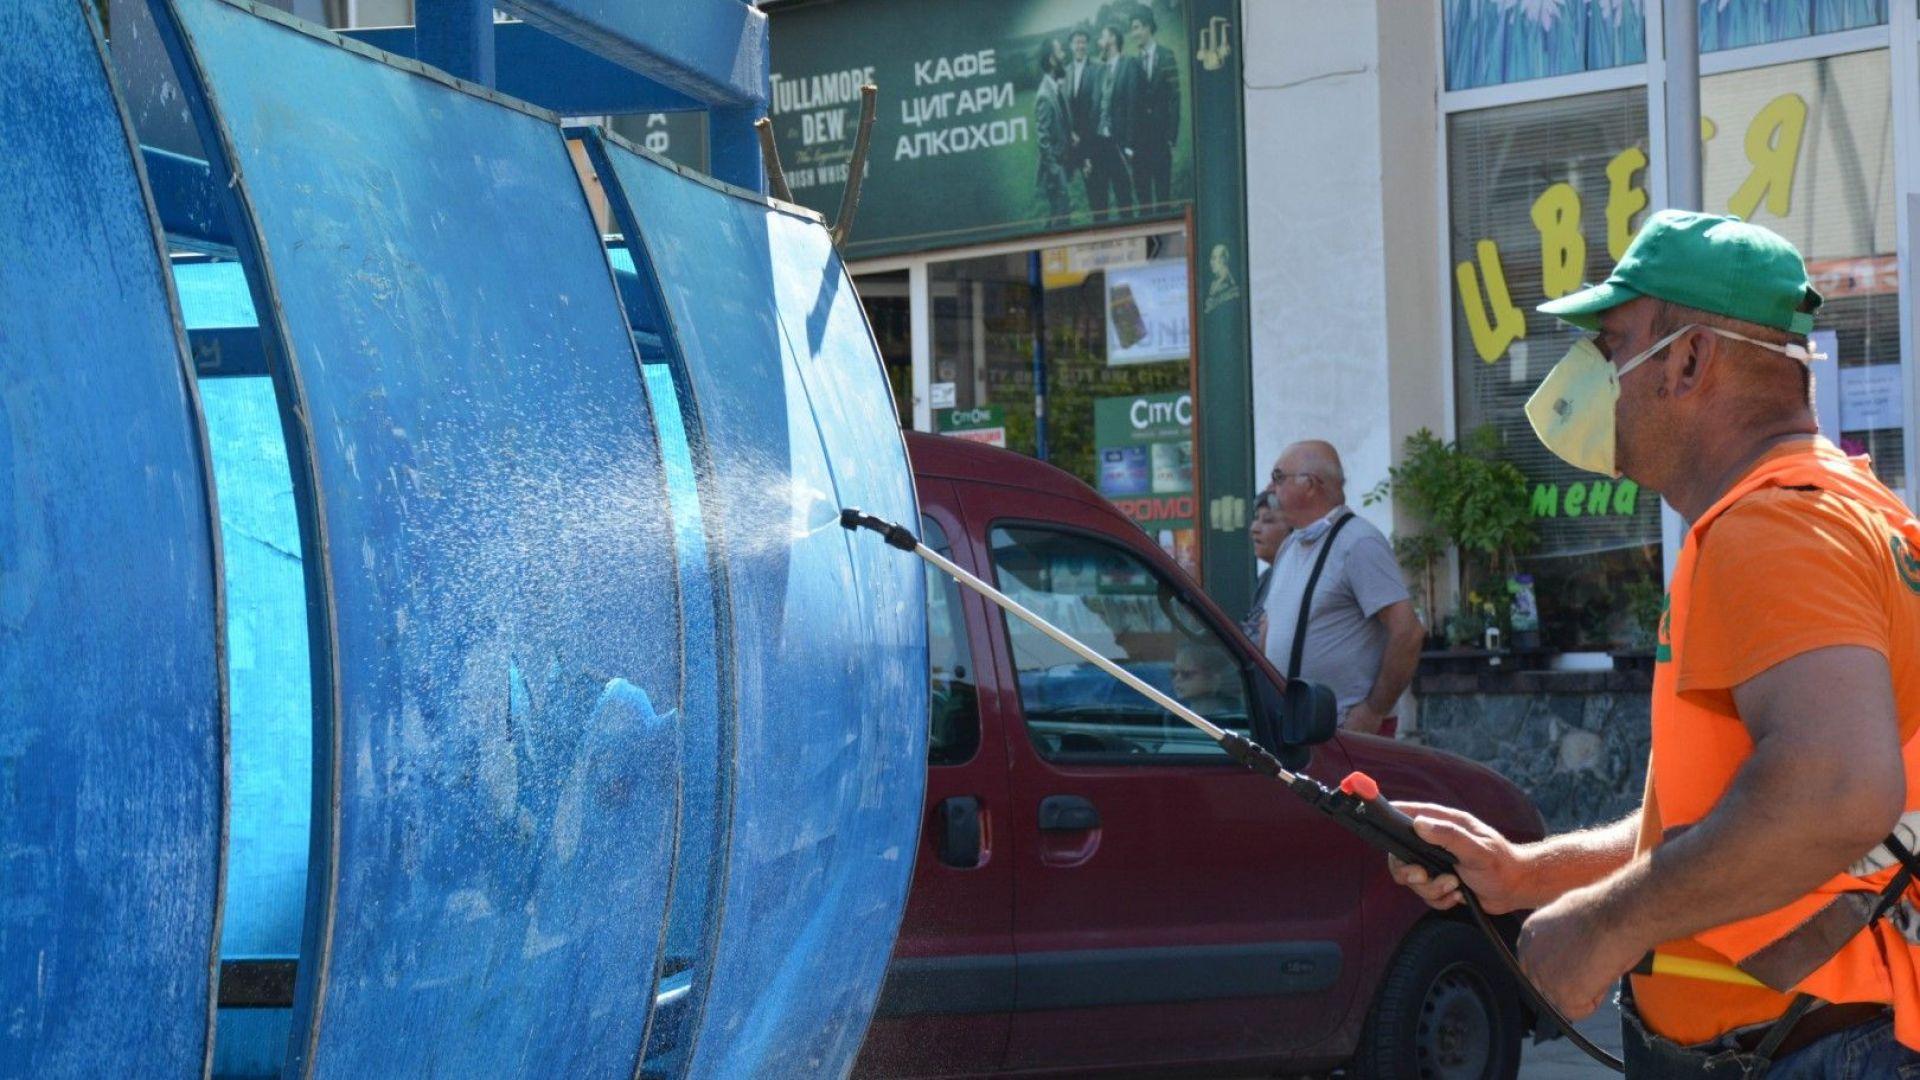 Заразените отново преминаха границата от 300, бум на инфекцията в Благоевградско